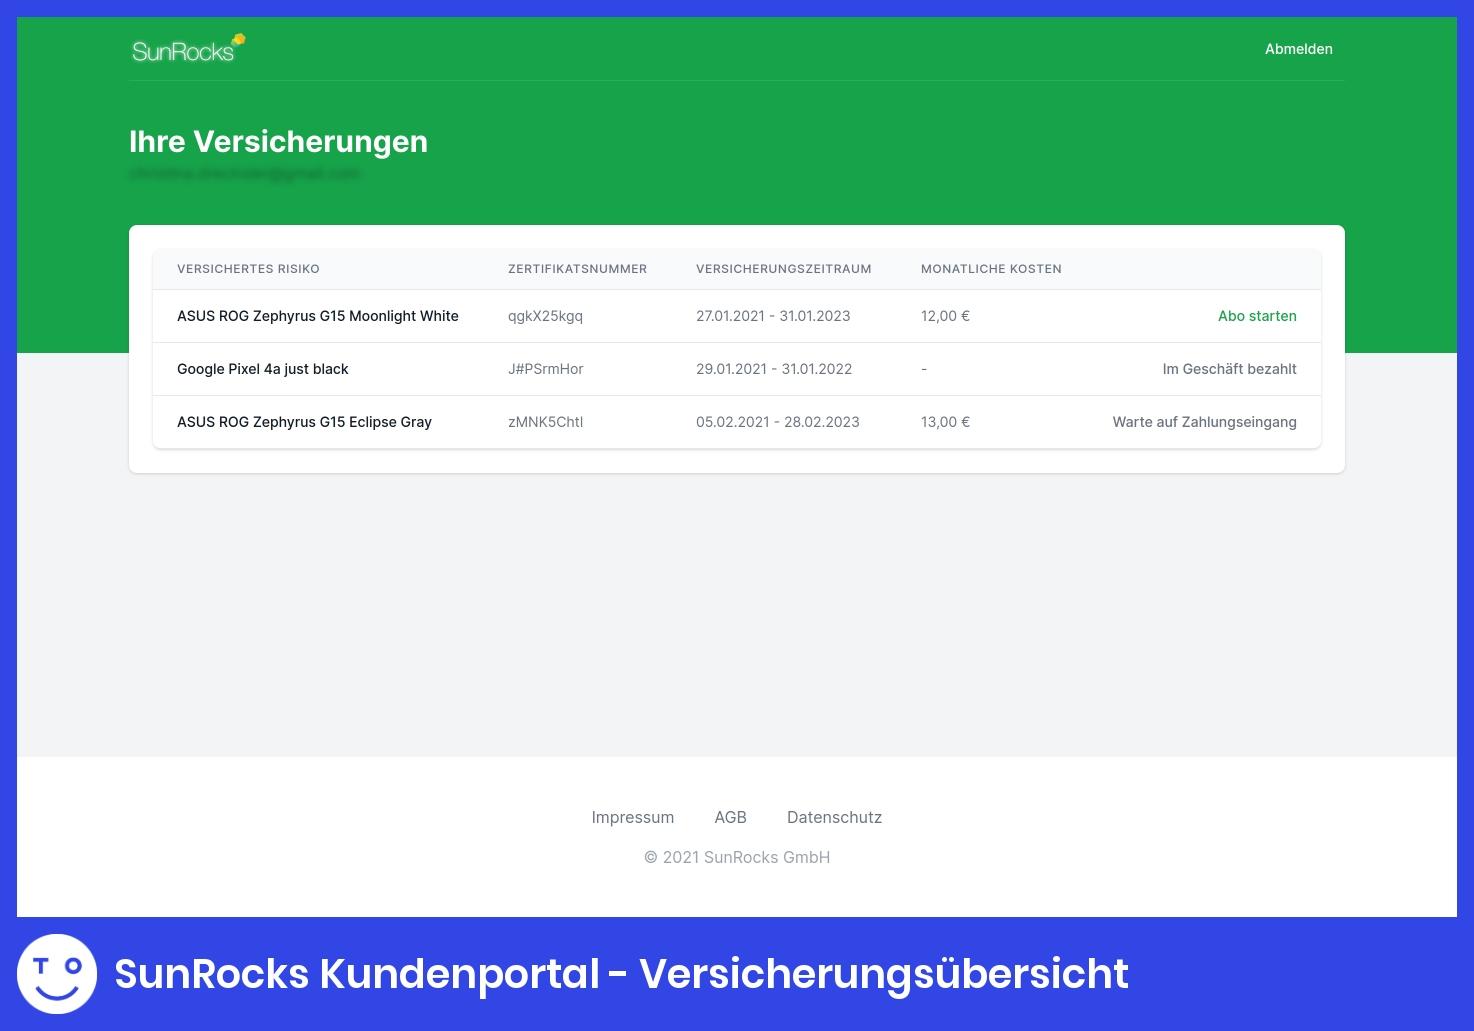 SunRocks Kundenportal - Versicherungsübersicht